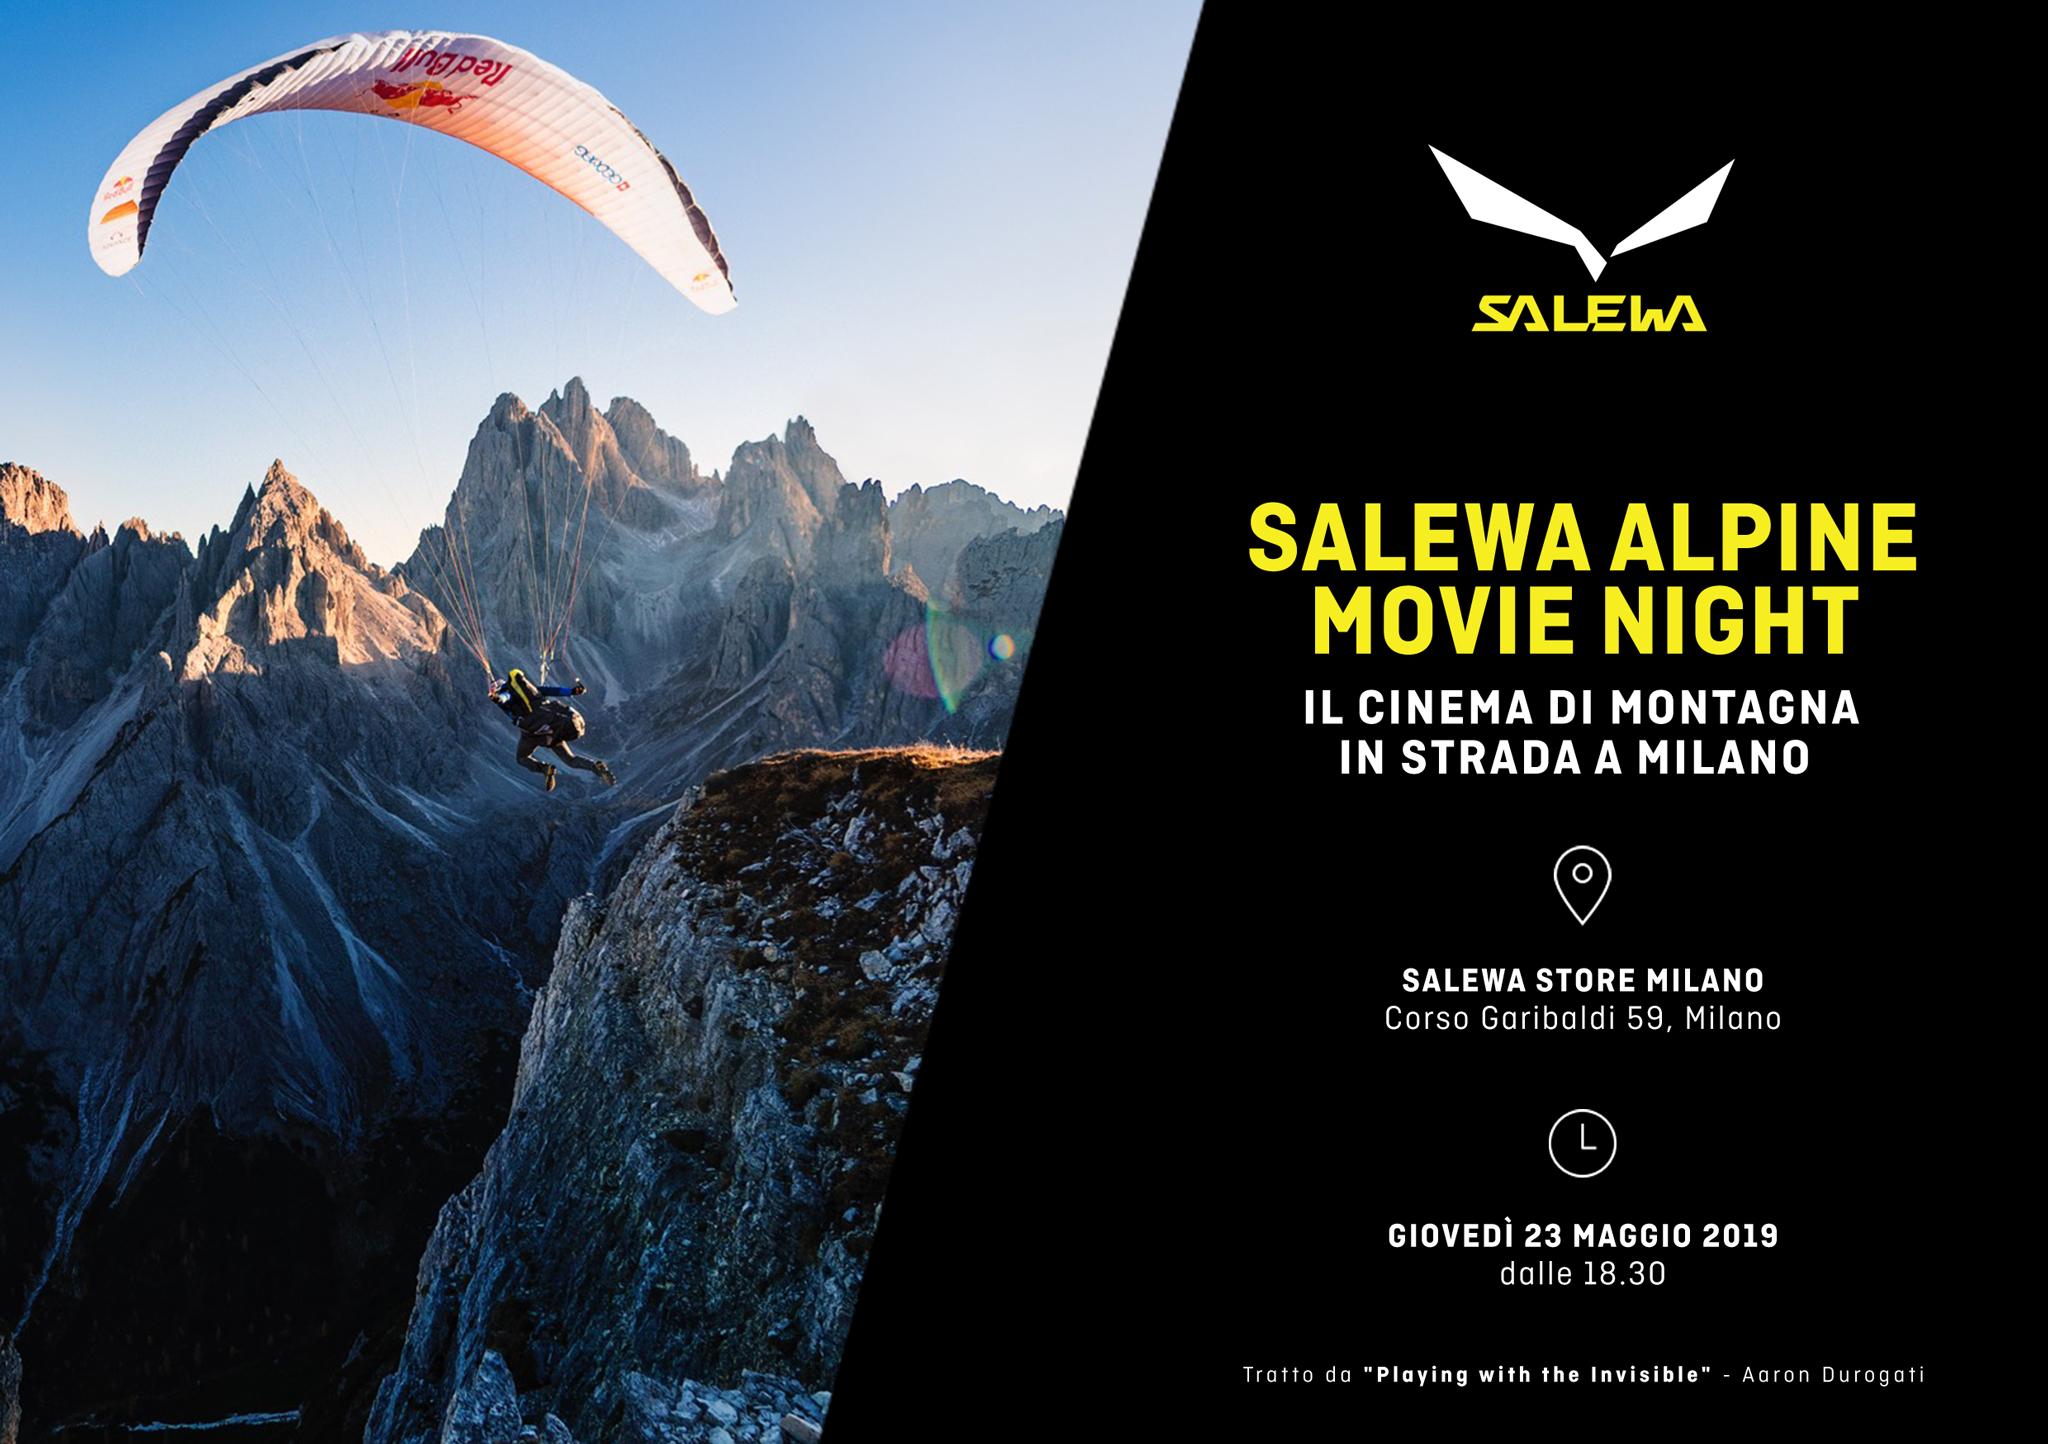 Cinema di montagna a Milano con Salewa